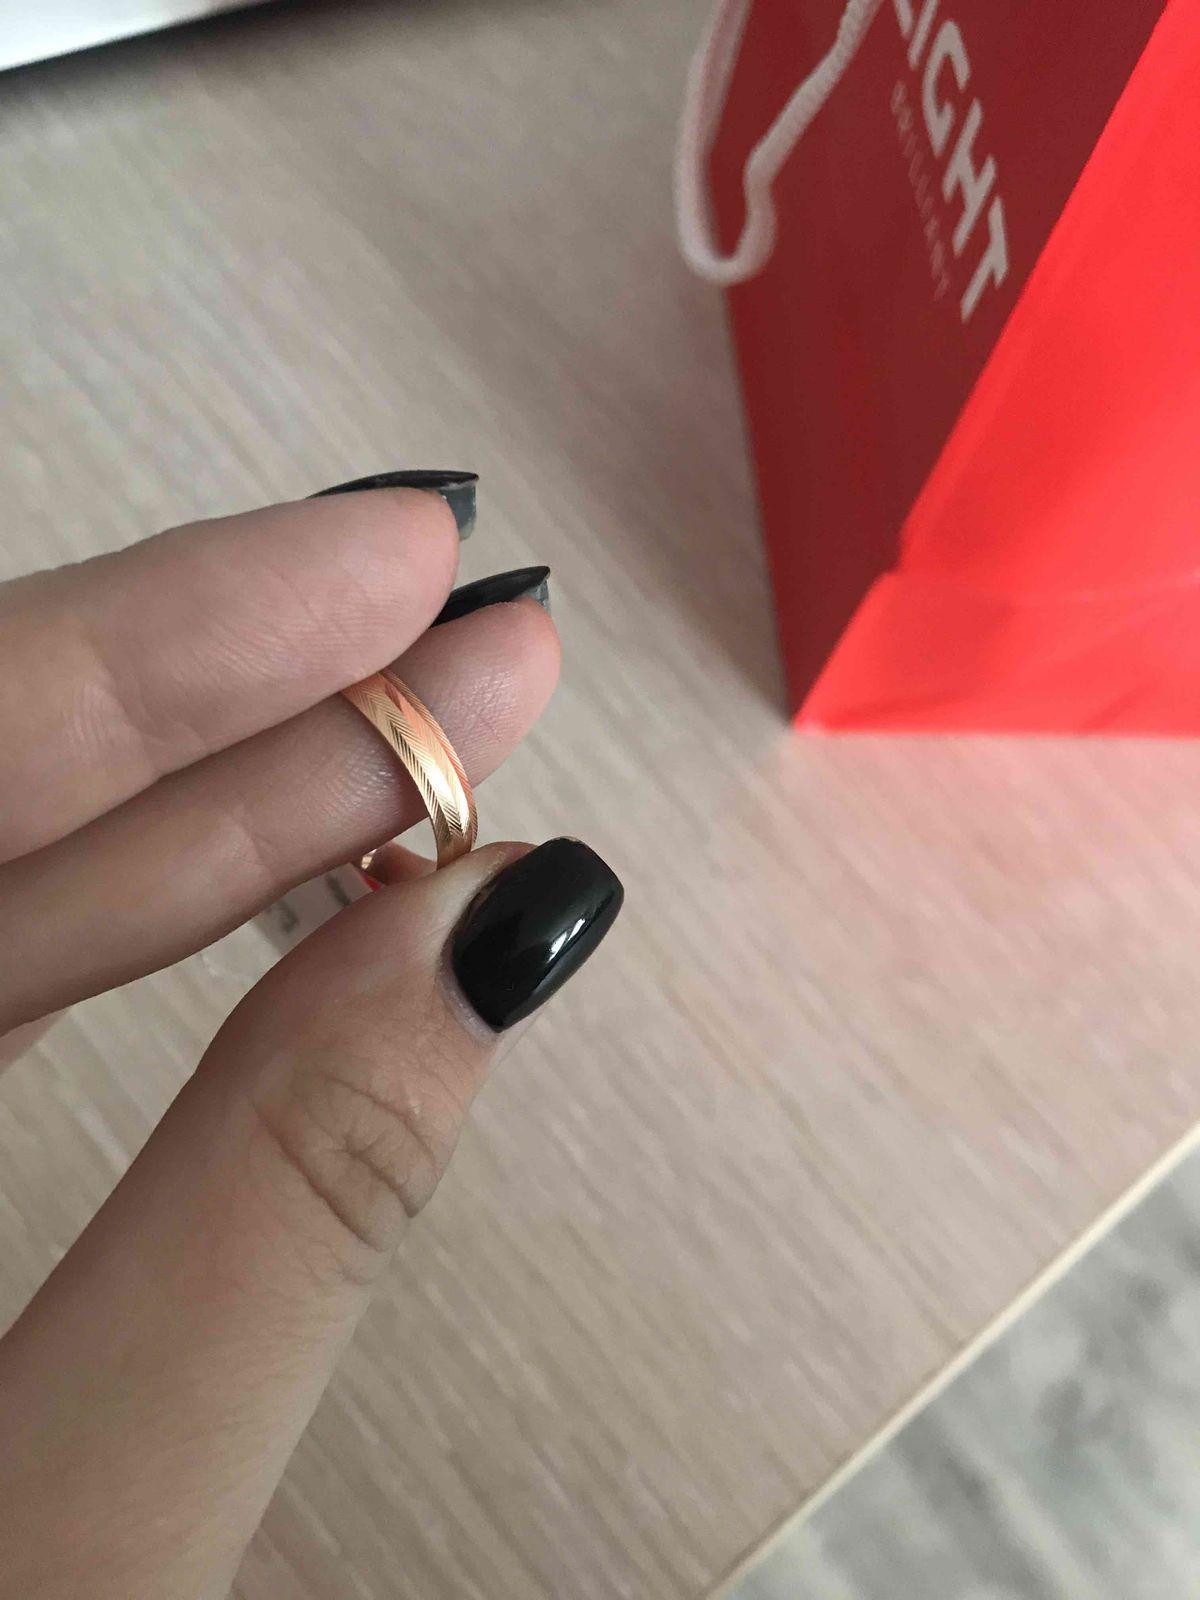 Обручальное кольцо мужу